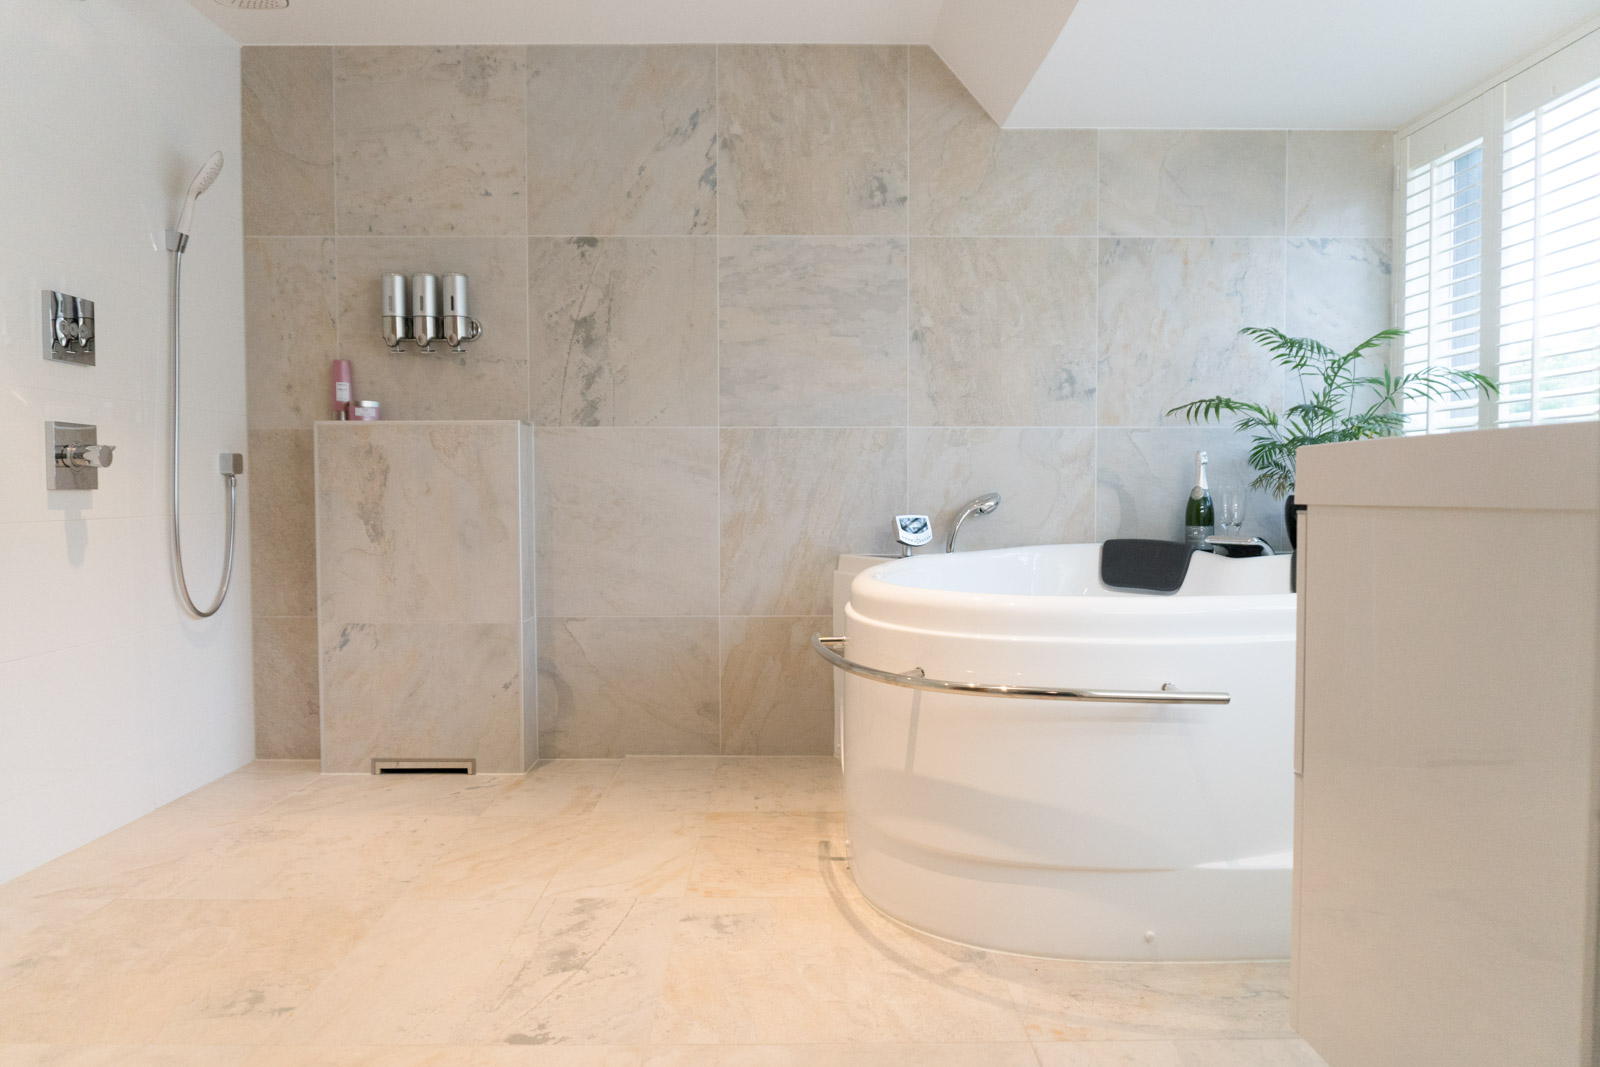 Luxe badkamer met bubbelbad – Niewenhuijse Totaalmontage